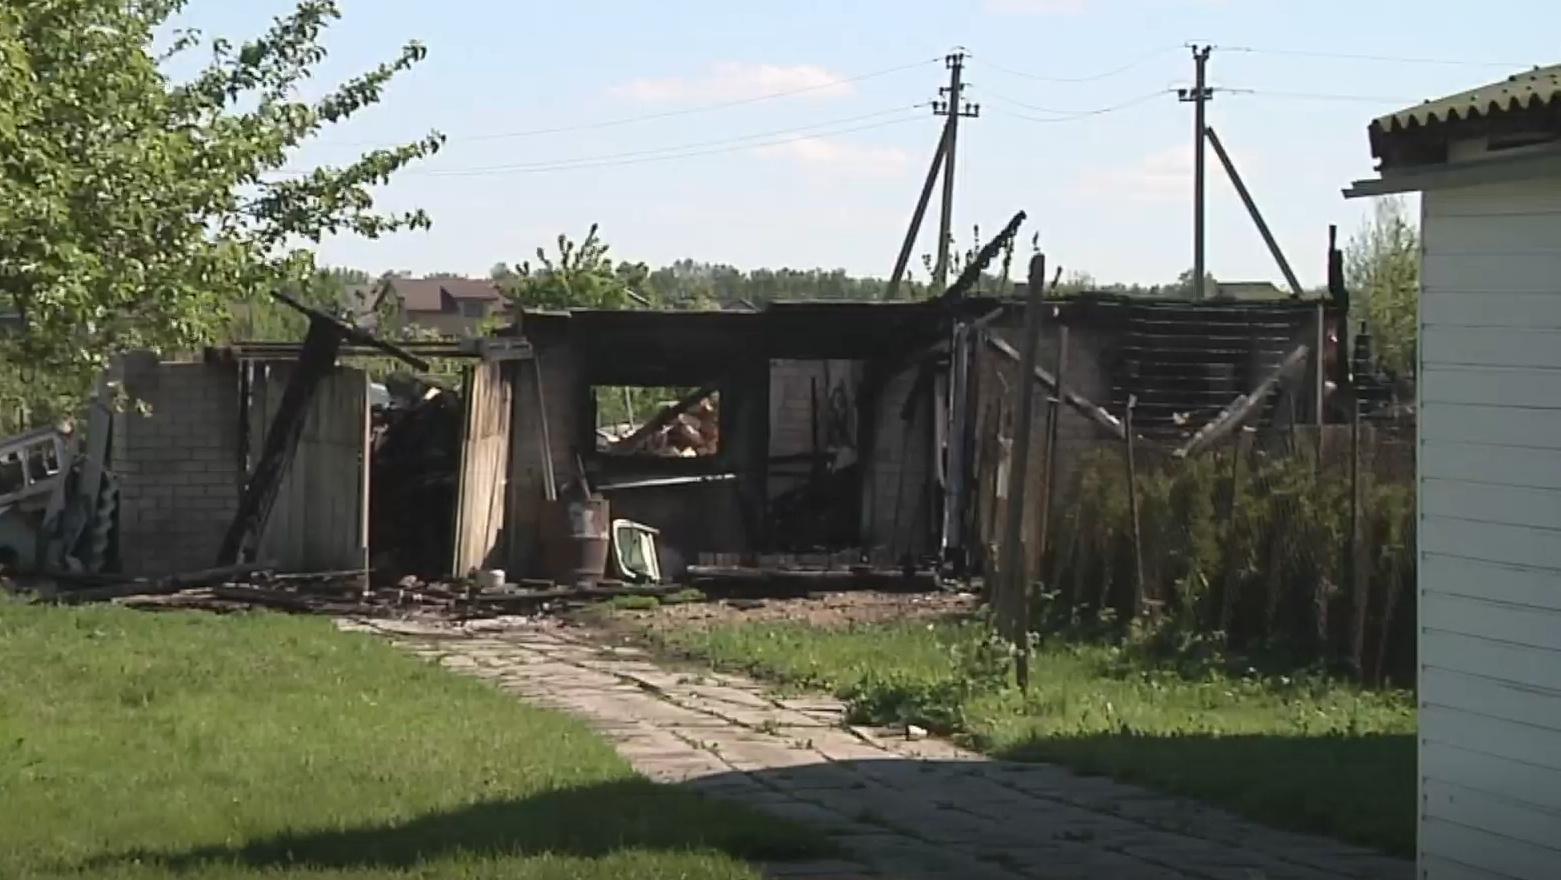 Kauno rajone sudegė ūkinis pastatas su gyvuliais (vaizdo įrašas)